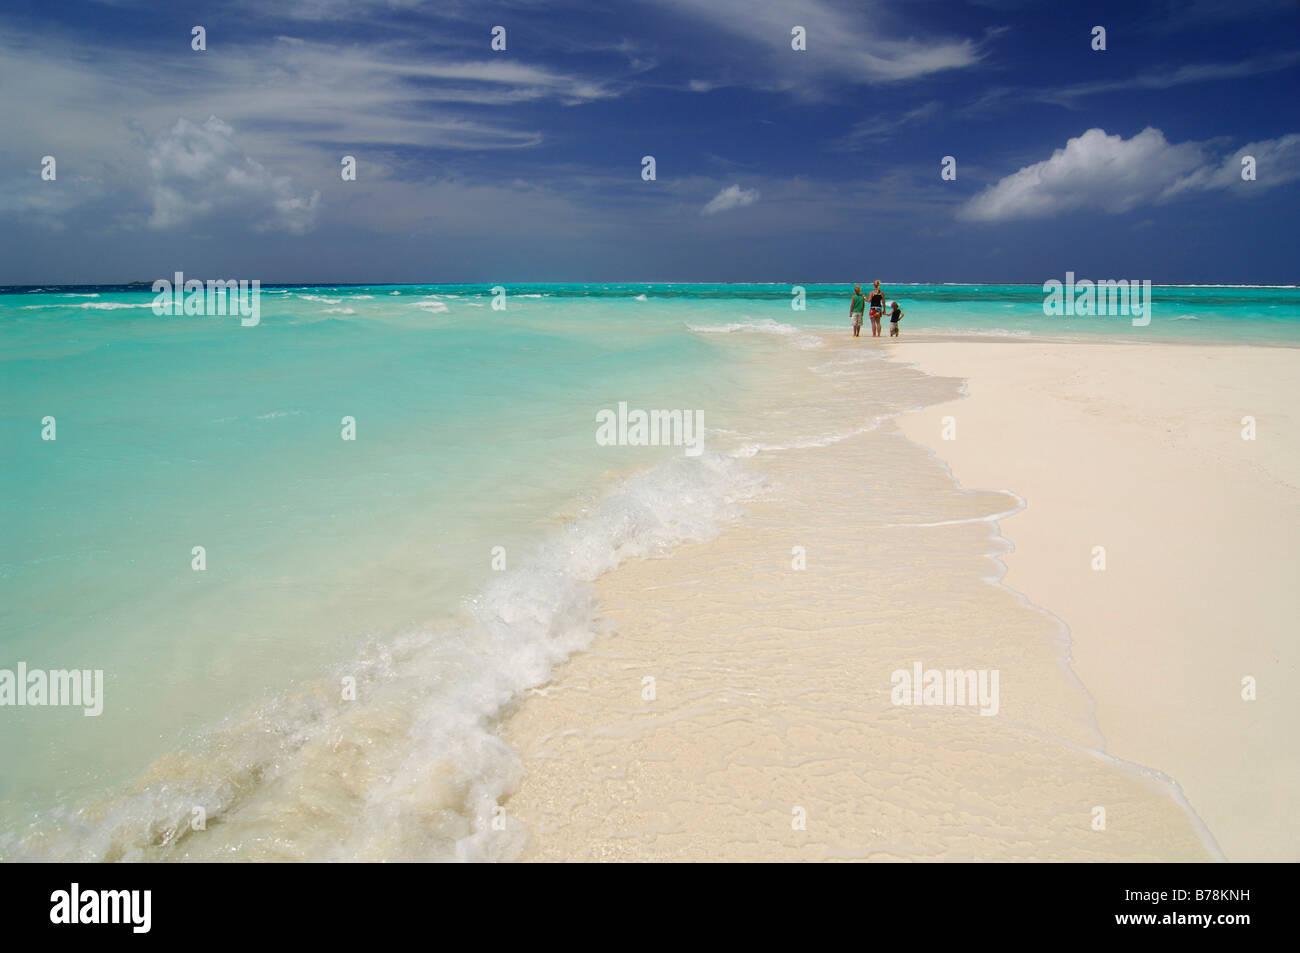 Donna e due bambini sulla spiaggia, Laguna Resort, Maldive, Oceano Indiano Immagini Stock